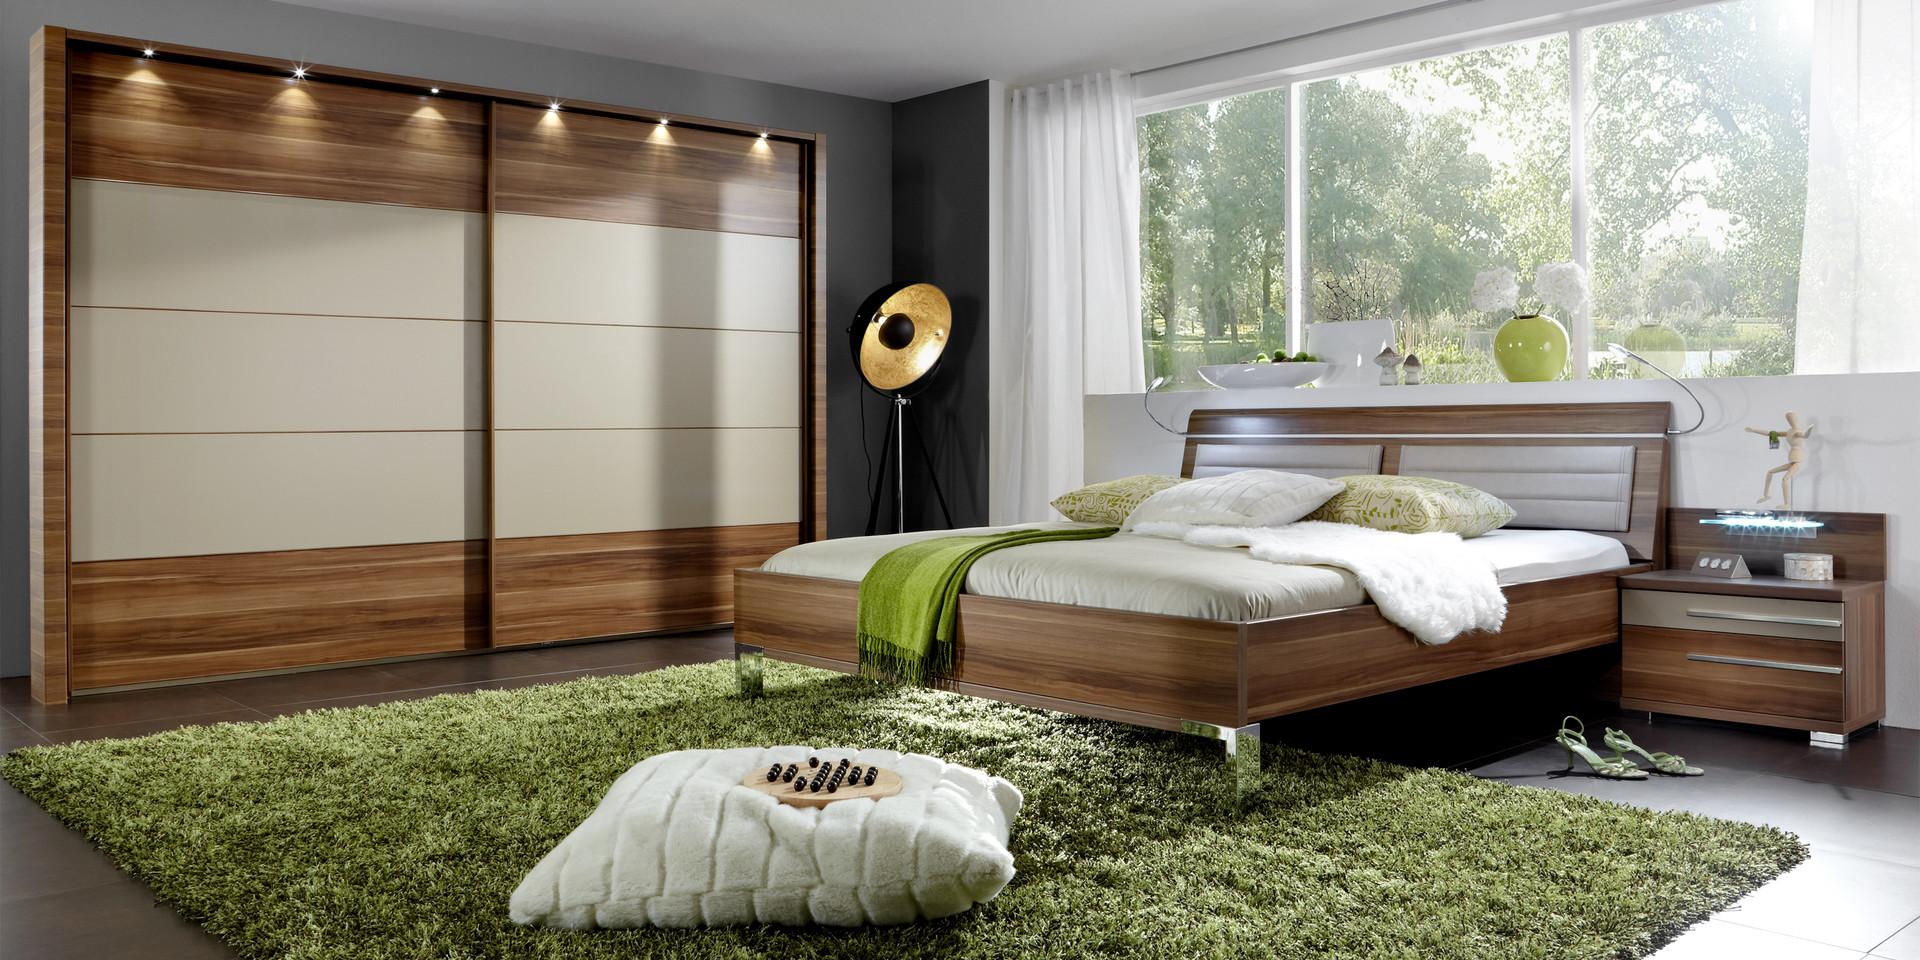 Möbelhersteller Schlafzimmer ~ Wohndesign und Inneneinrichtung